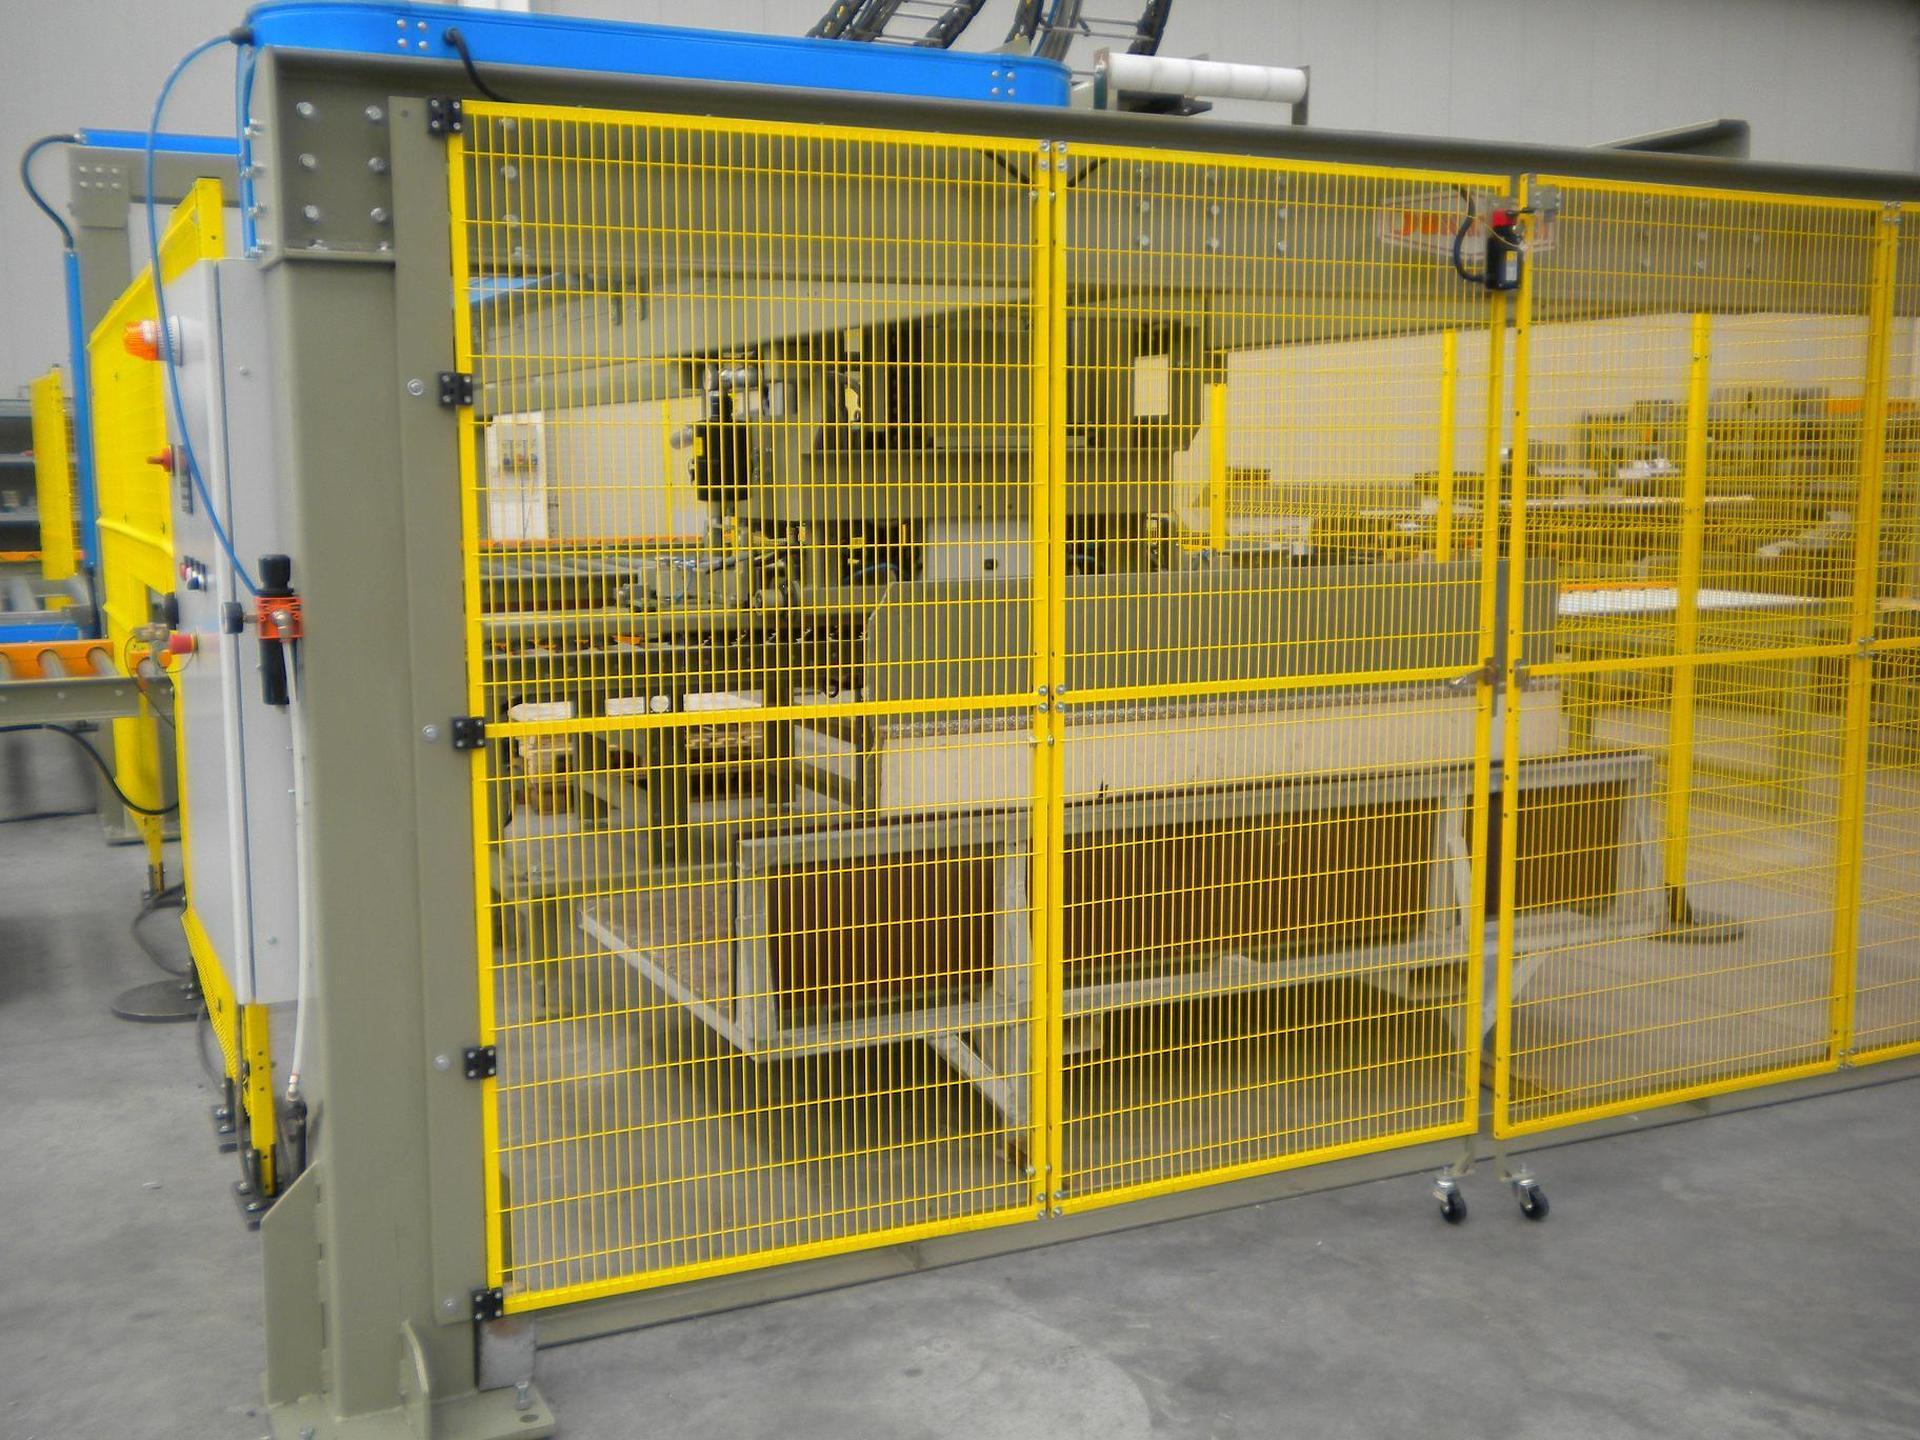 Pallettizzatore a portale con ventosa per lastre o strisce